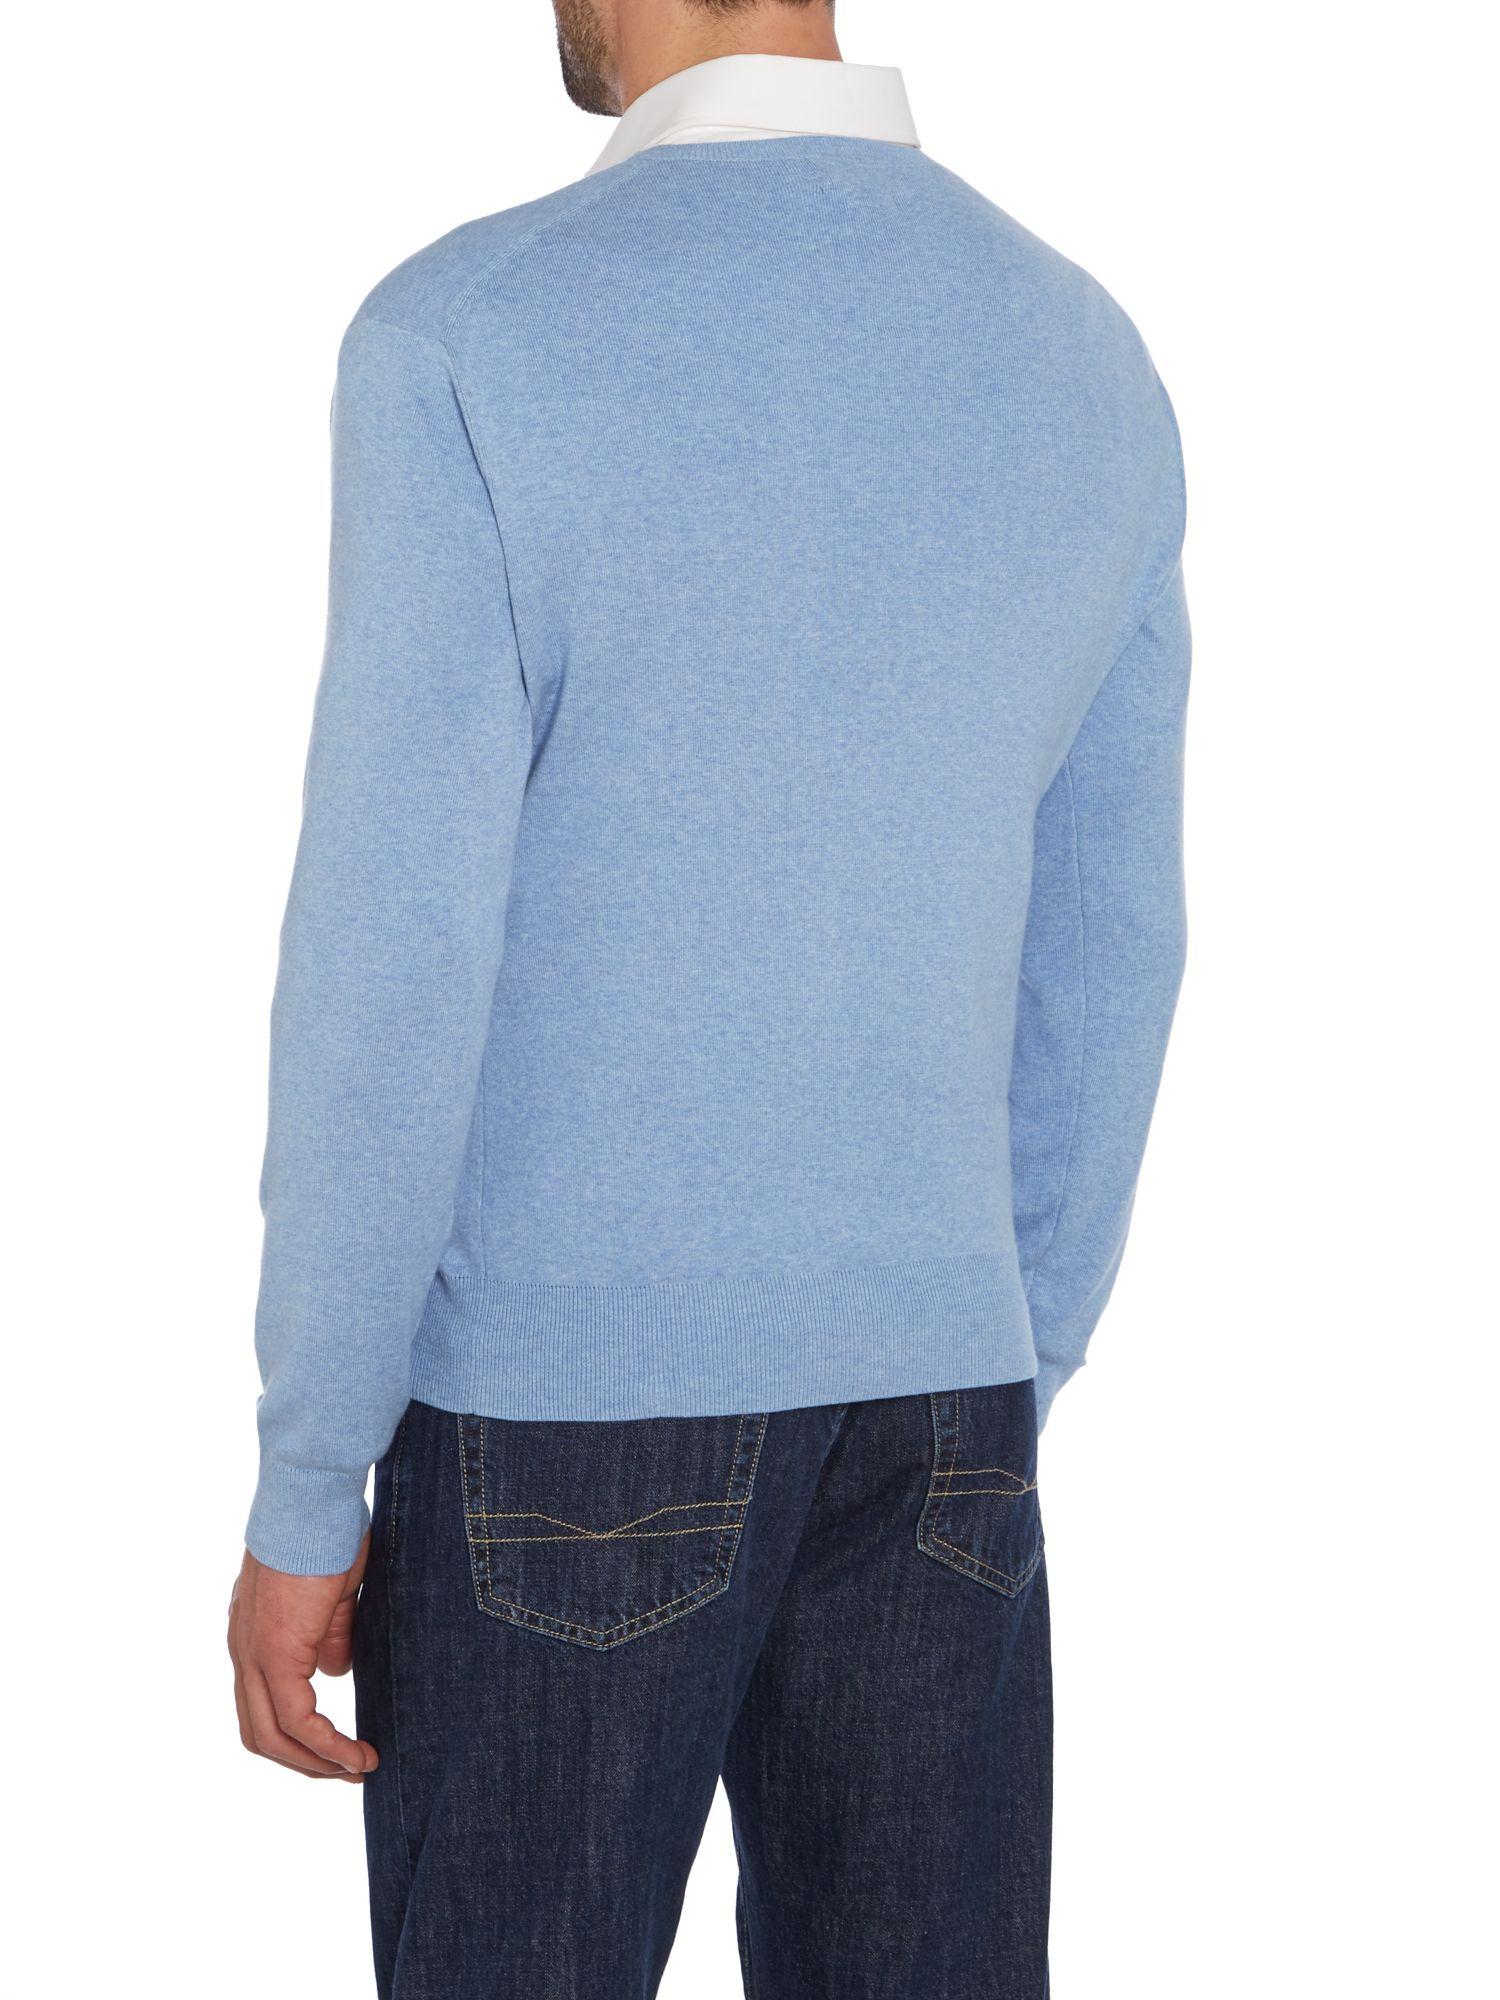 polo ralph lauren v neck slim fit pima cotton jumper in. Black Bedroom Furniture Sets. Home Design Ideas